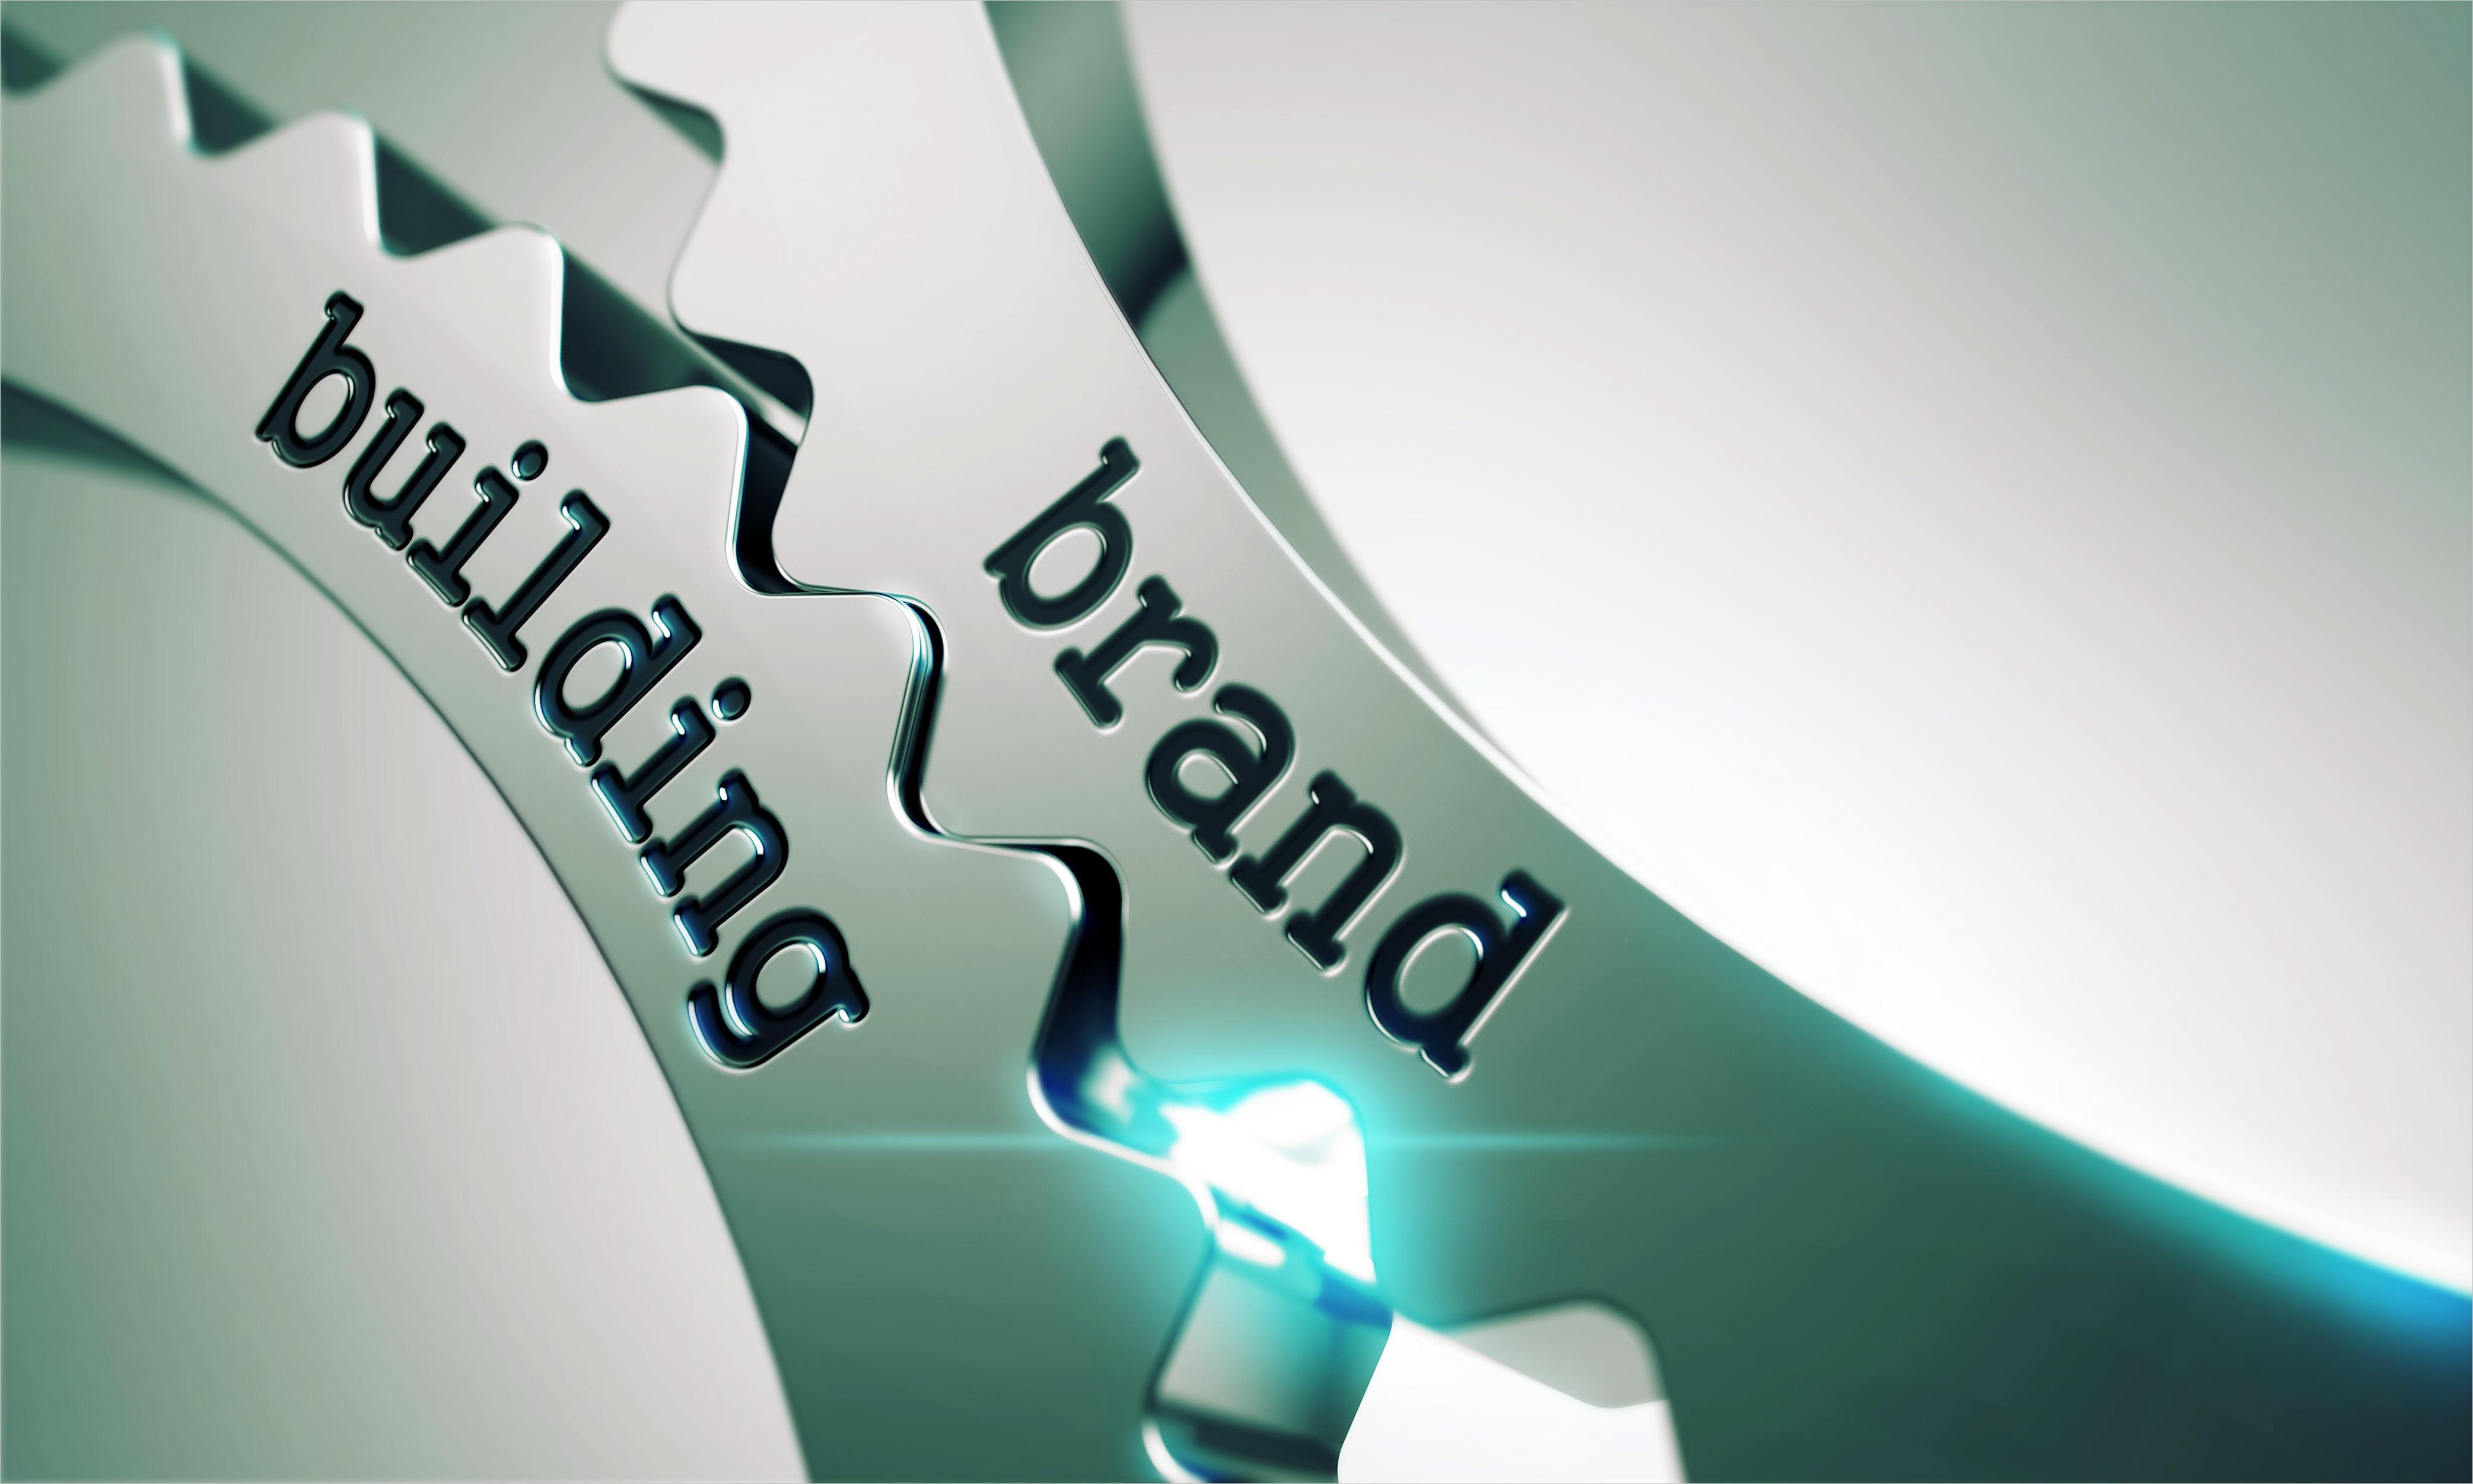 Cómo registrar una marca, un nombre comercial o un dominio en Internet